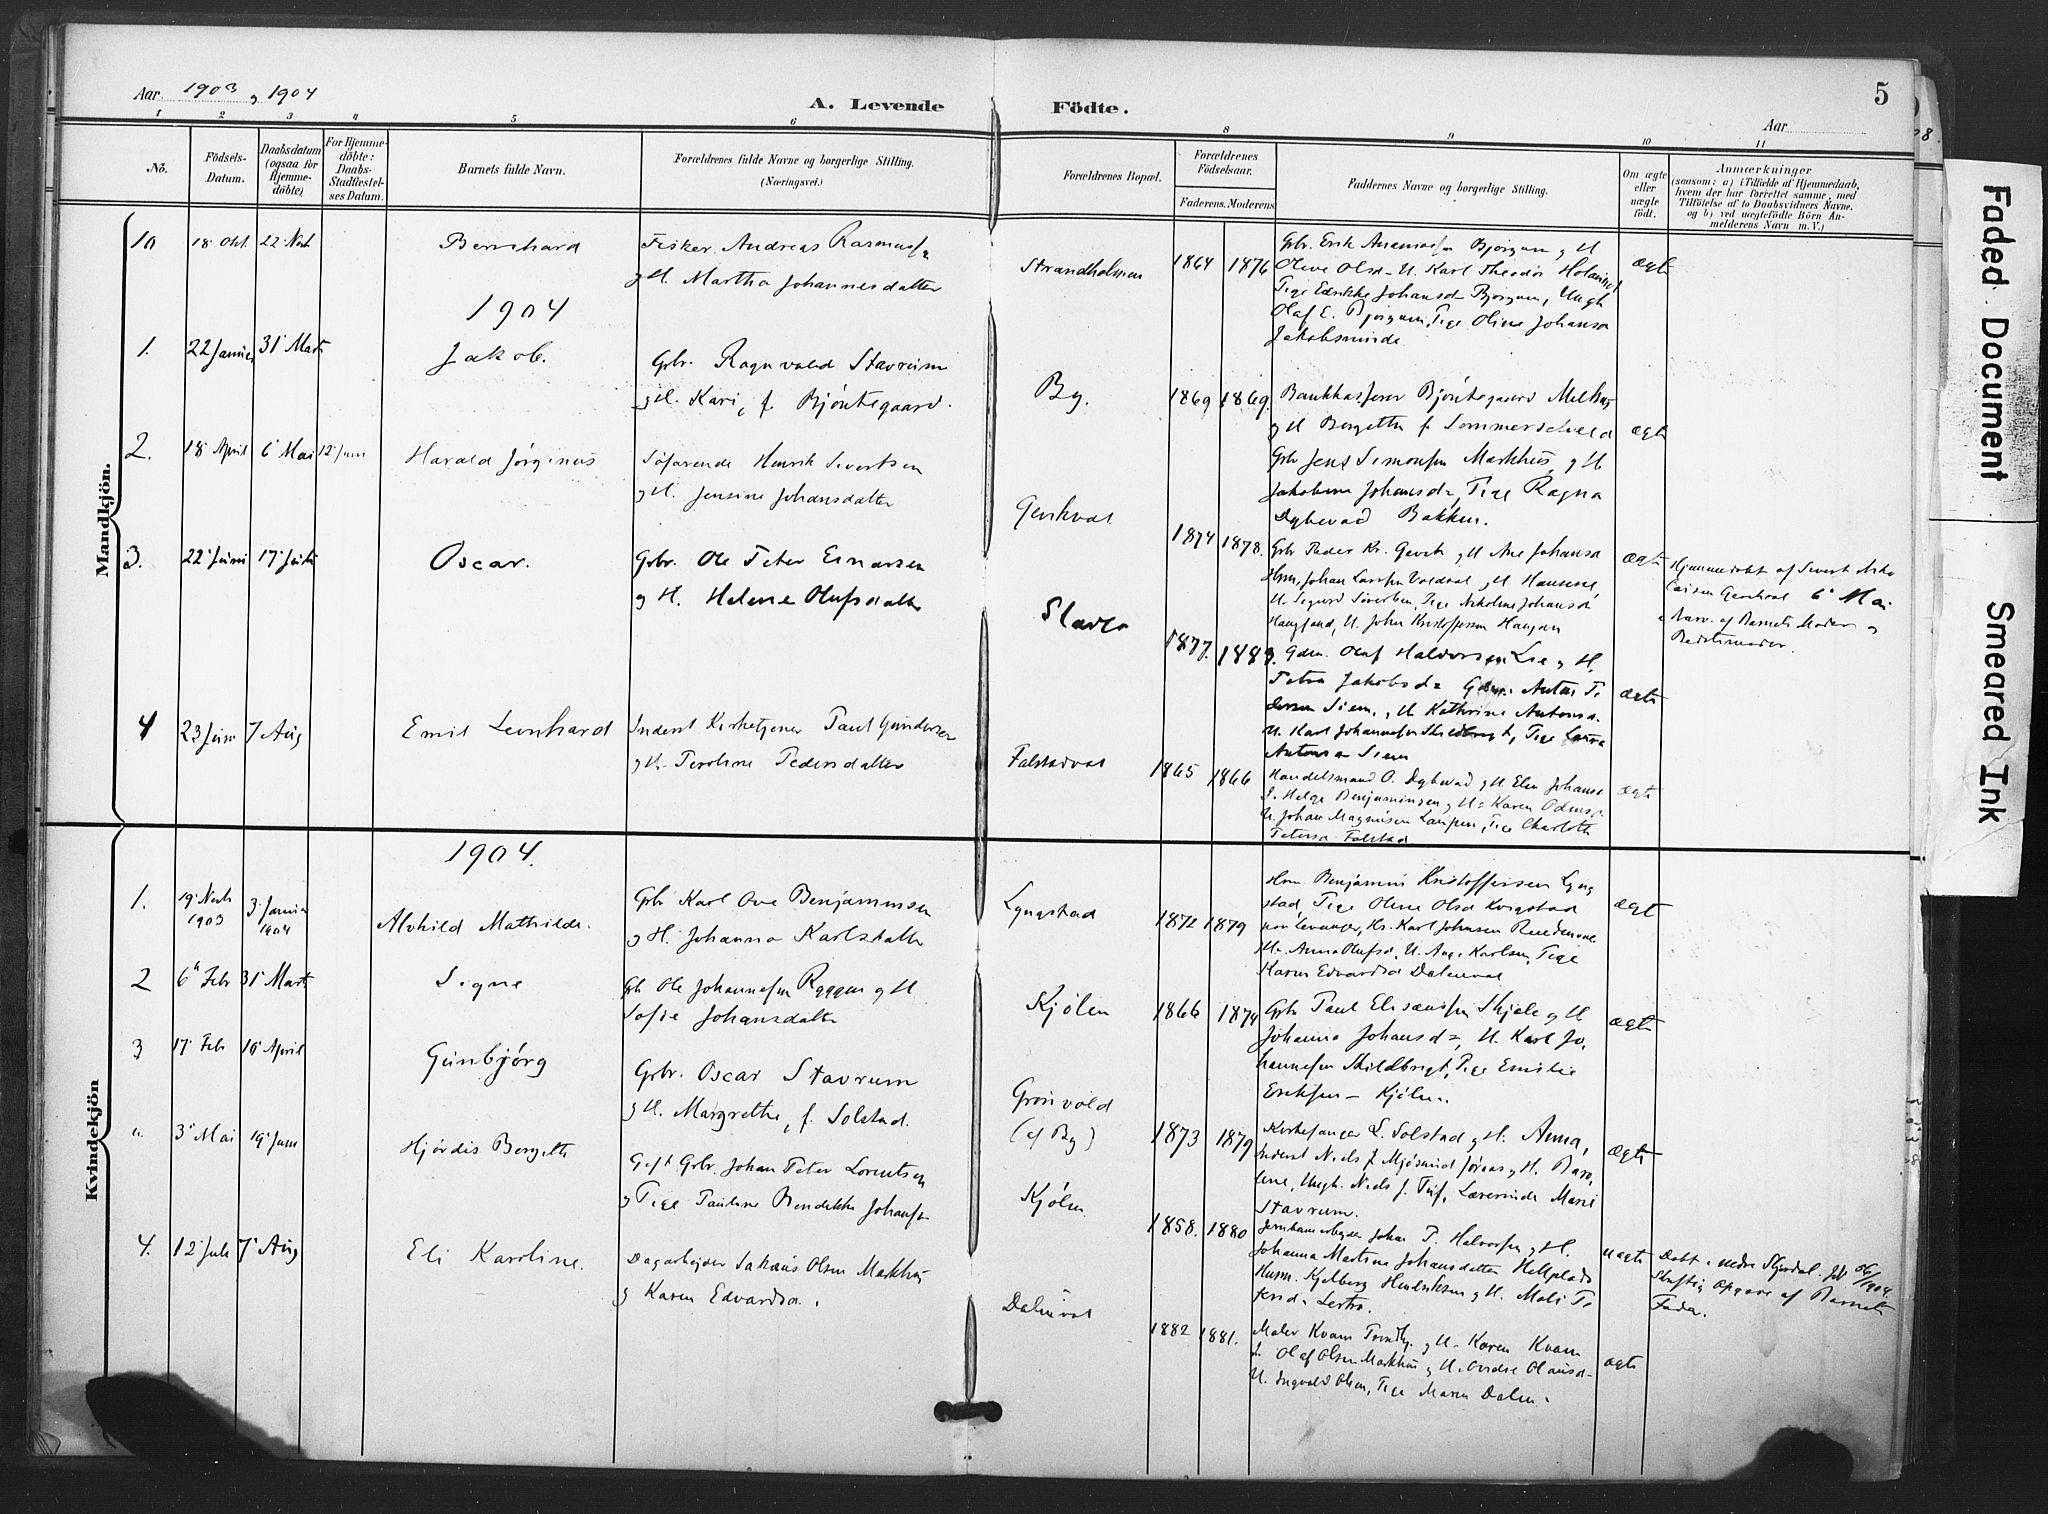 SAT, Ministerialprotokoller, klokkerbøker og fødselsregistre - Nord-Trøndelag, 719/L0179: Ministerialbok nr. 719A02, 1901-1923, s. 5